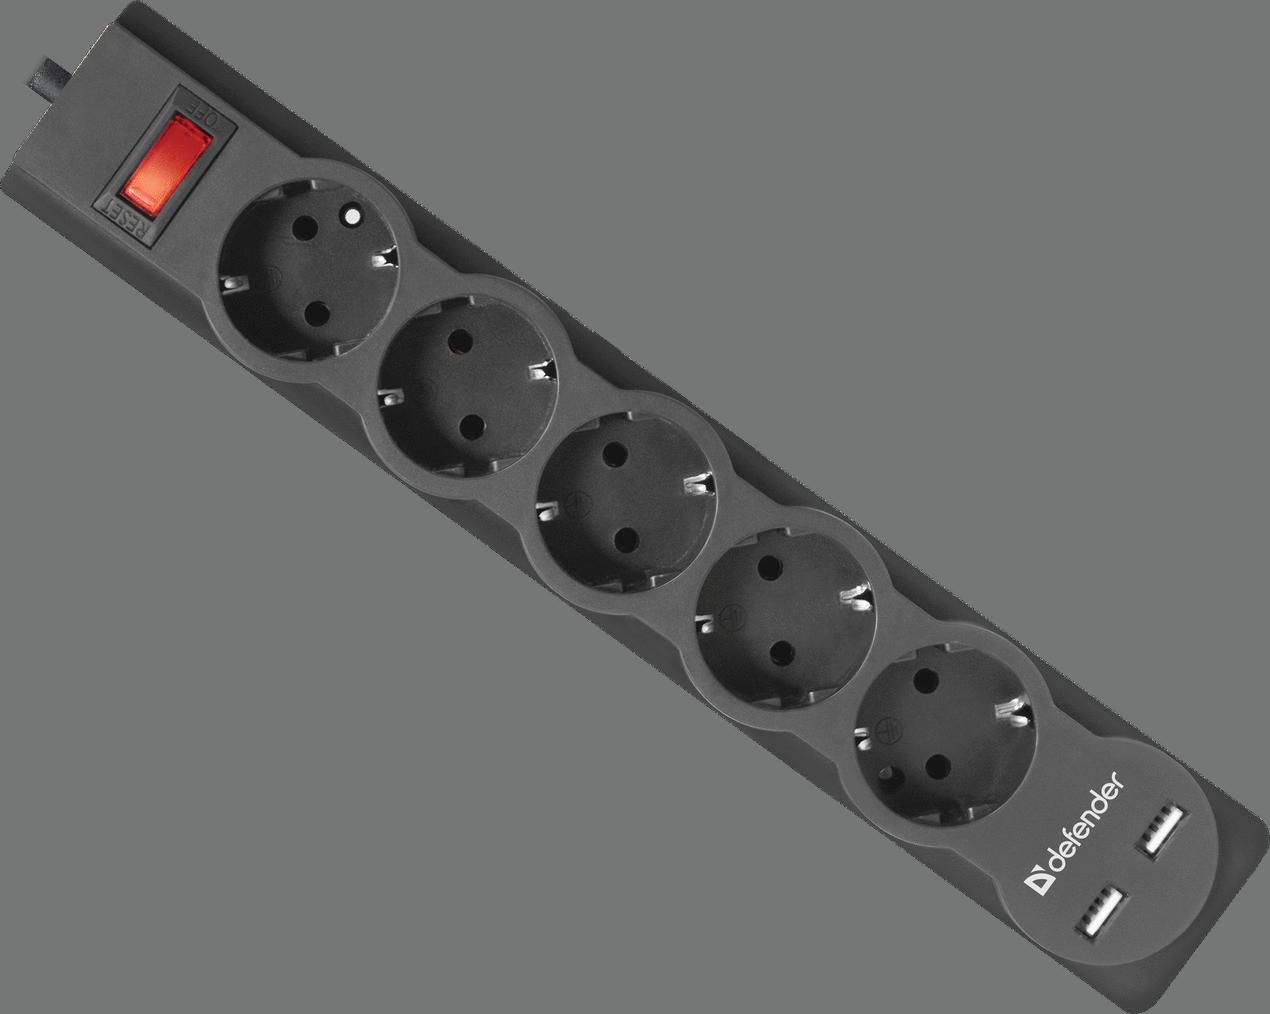 Сетевой фильтр Defender DFS 753 5 роз., 3.0 м, 2 USB порта